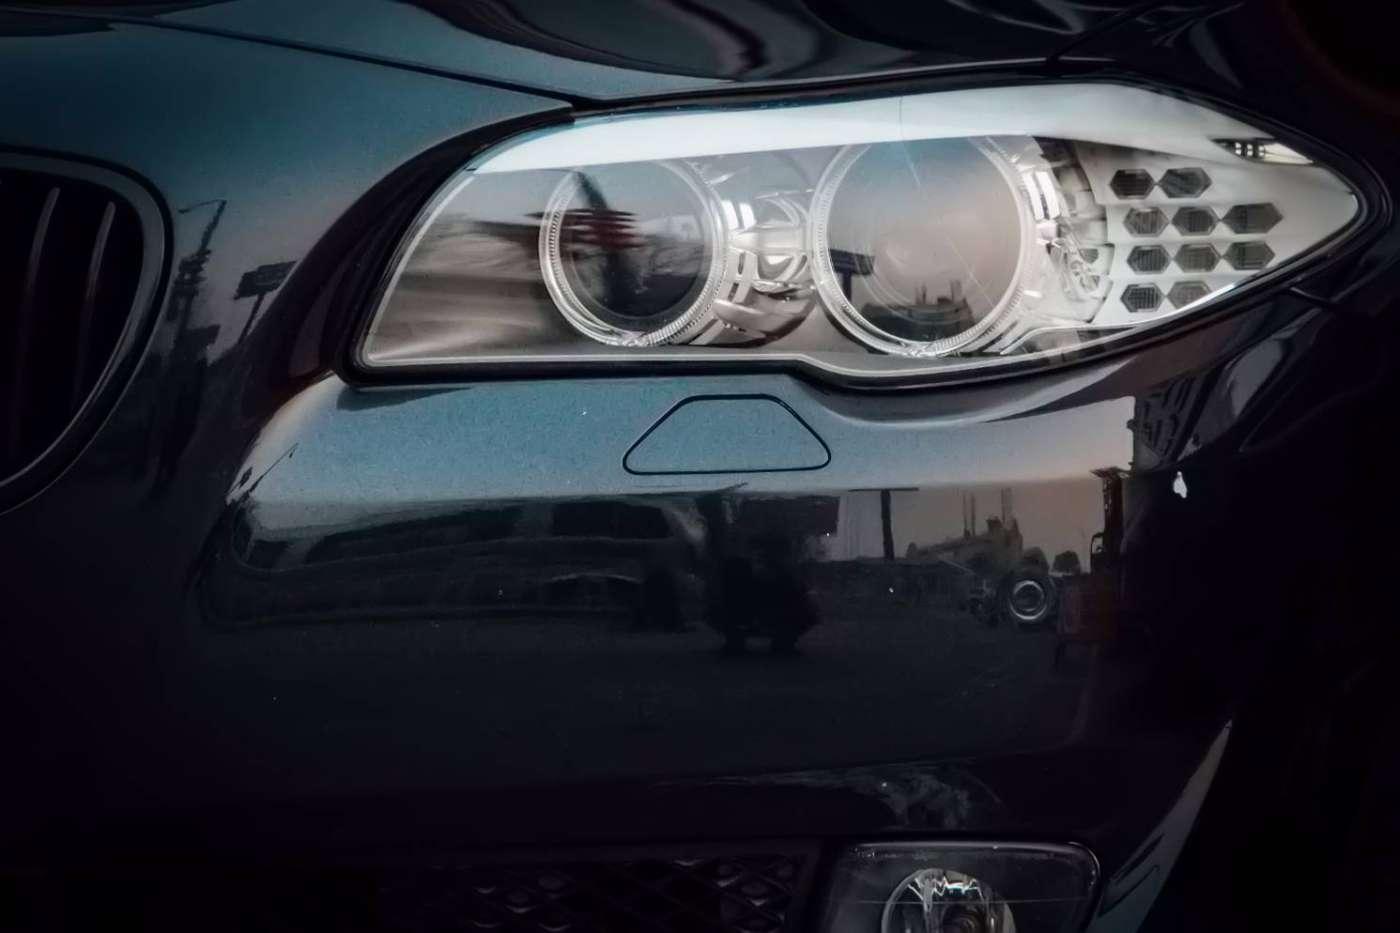 2013年03月 宝马5系(进口) 2013款 535i 领先运动型|甄选宝马-北京卡斯基汽车服务有限公司